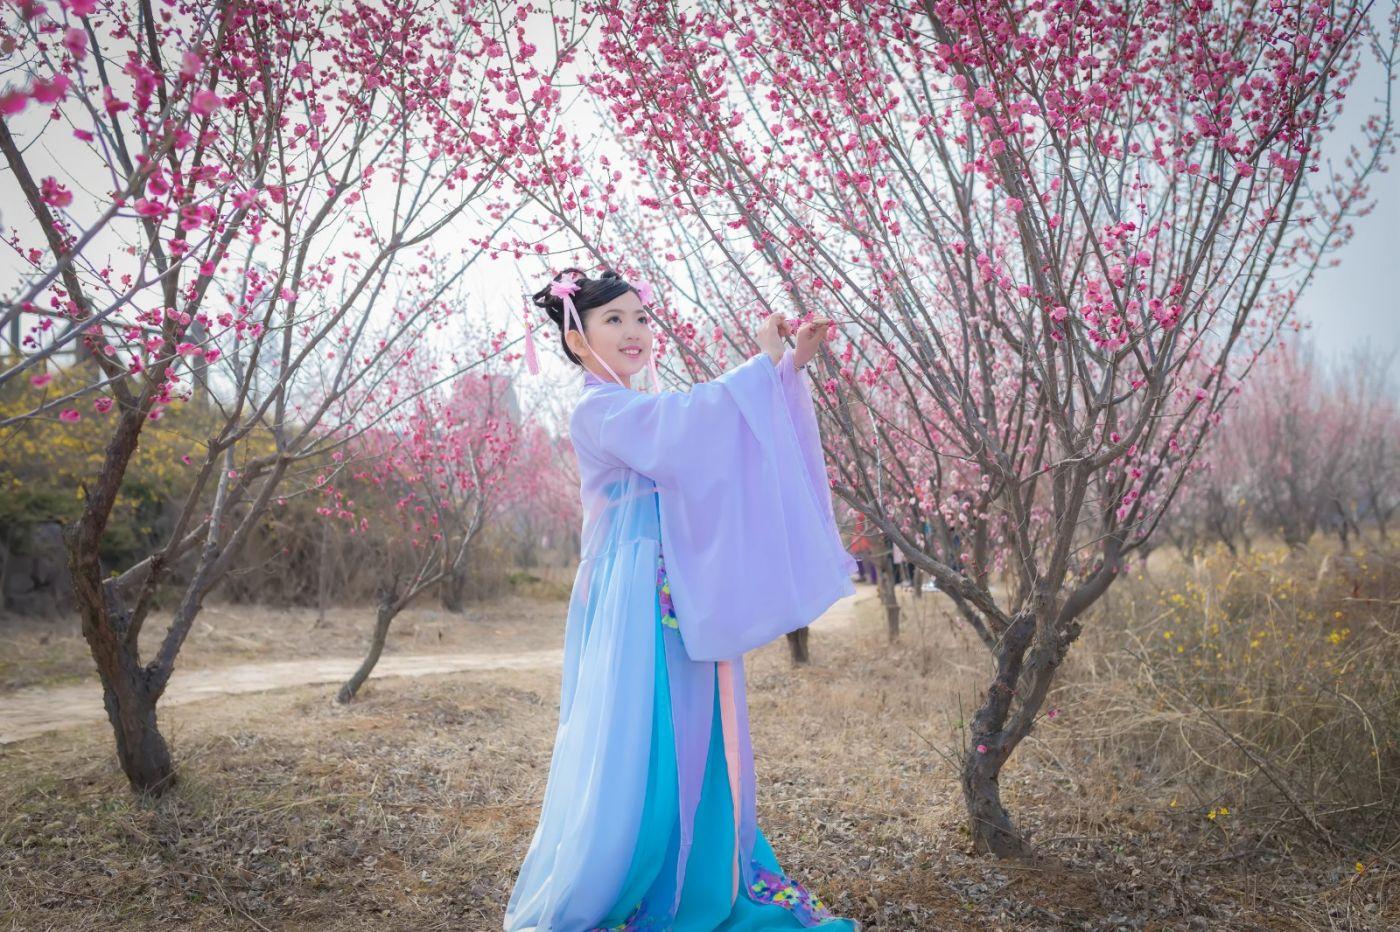 翟家小妮翟雅慧之春到梅园 花儿与少年系列 梅园尽显中国风_图1-6